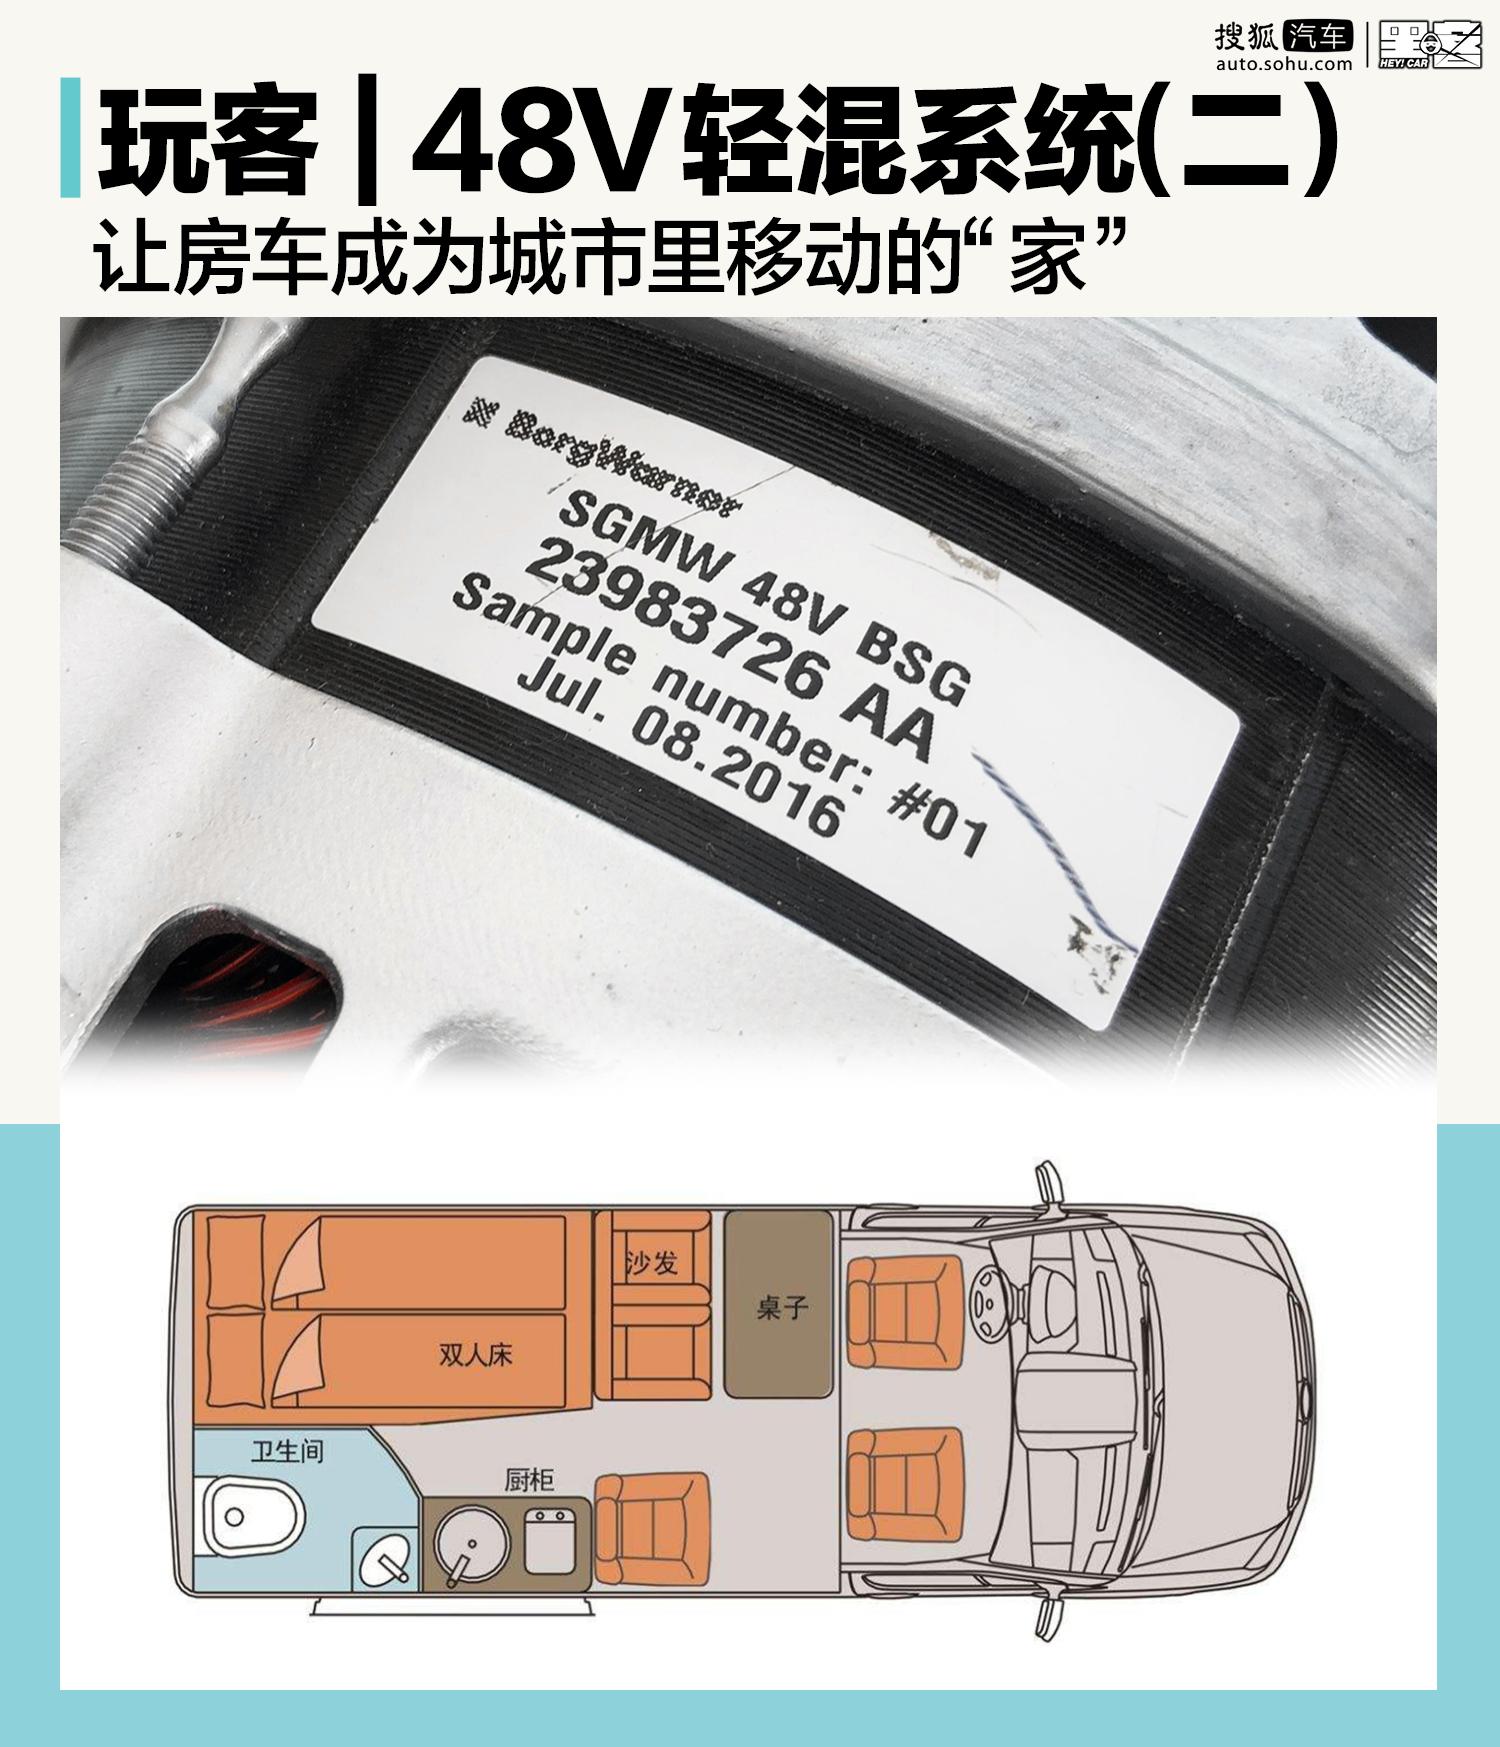 壓力釋放閥型號A704B9DD9-7499718